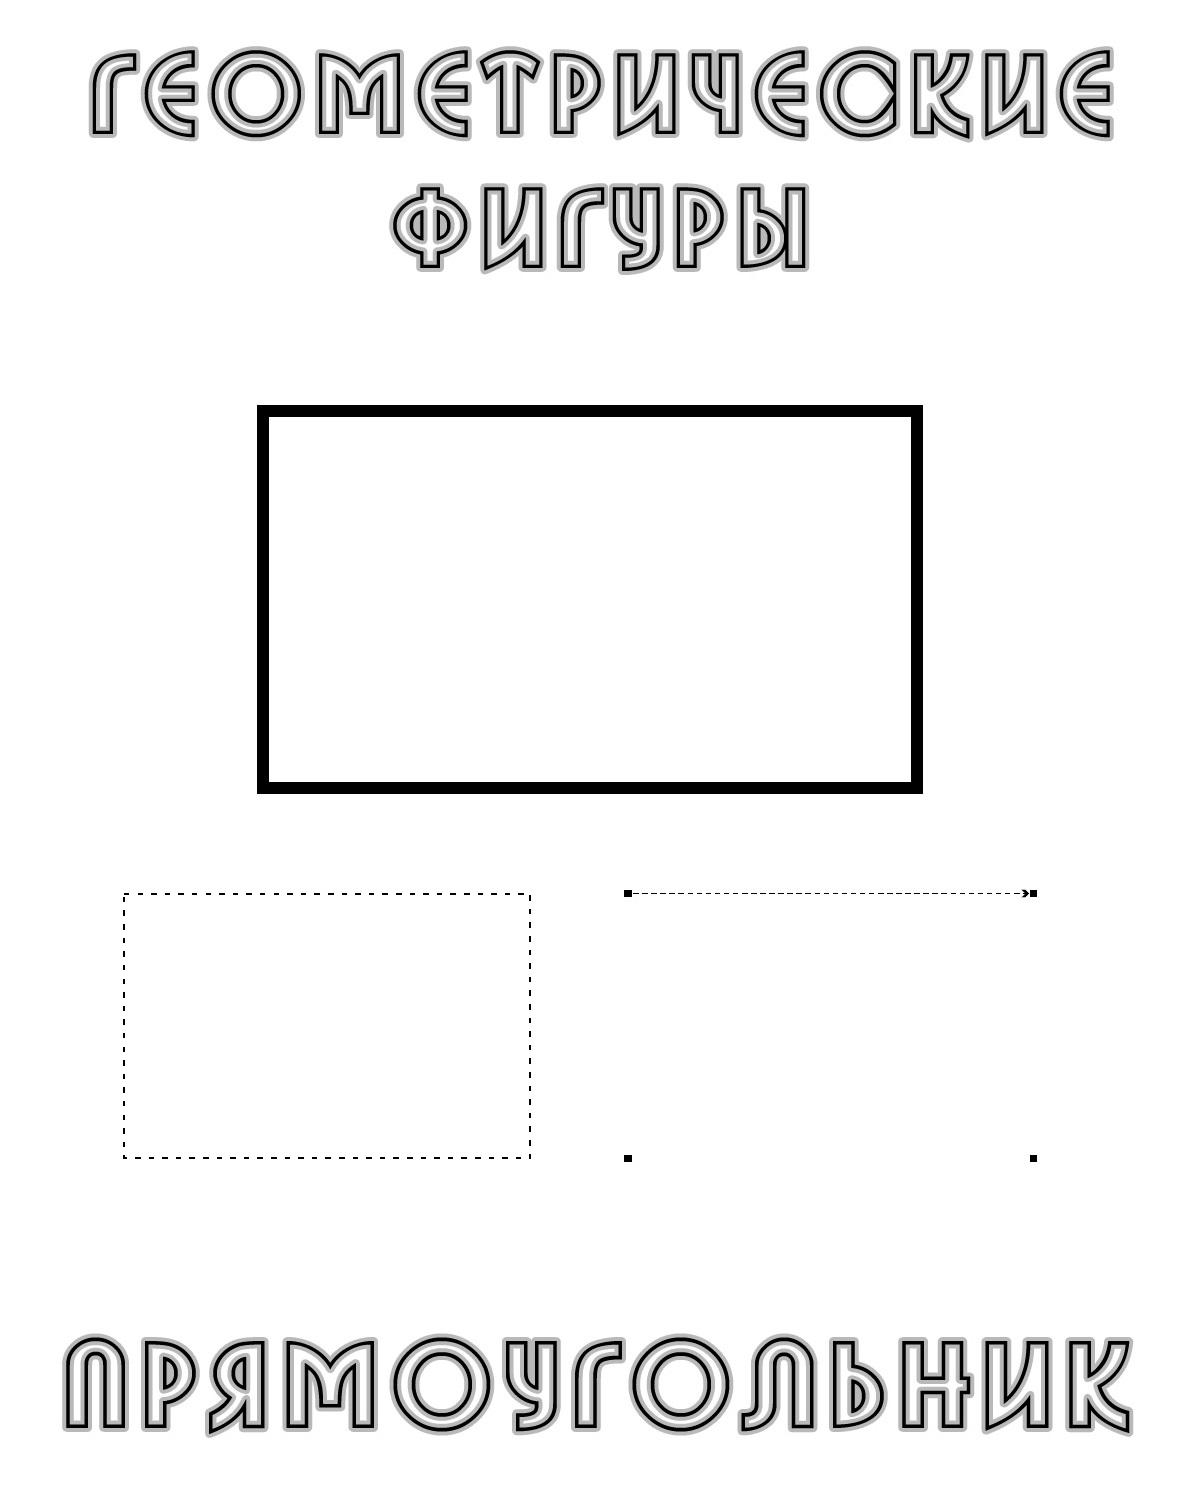 картинка прямоугольник геометрического верхней части корпуса